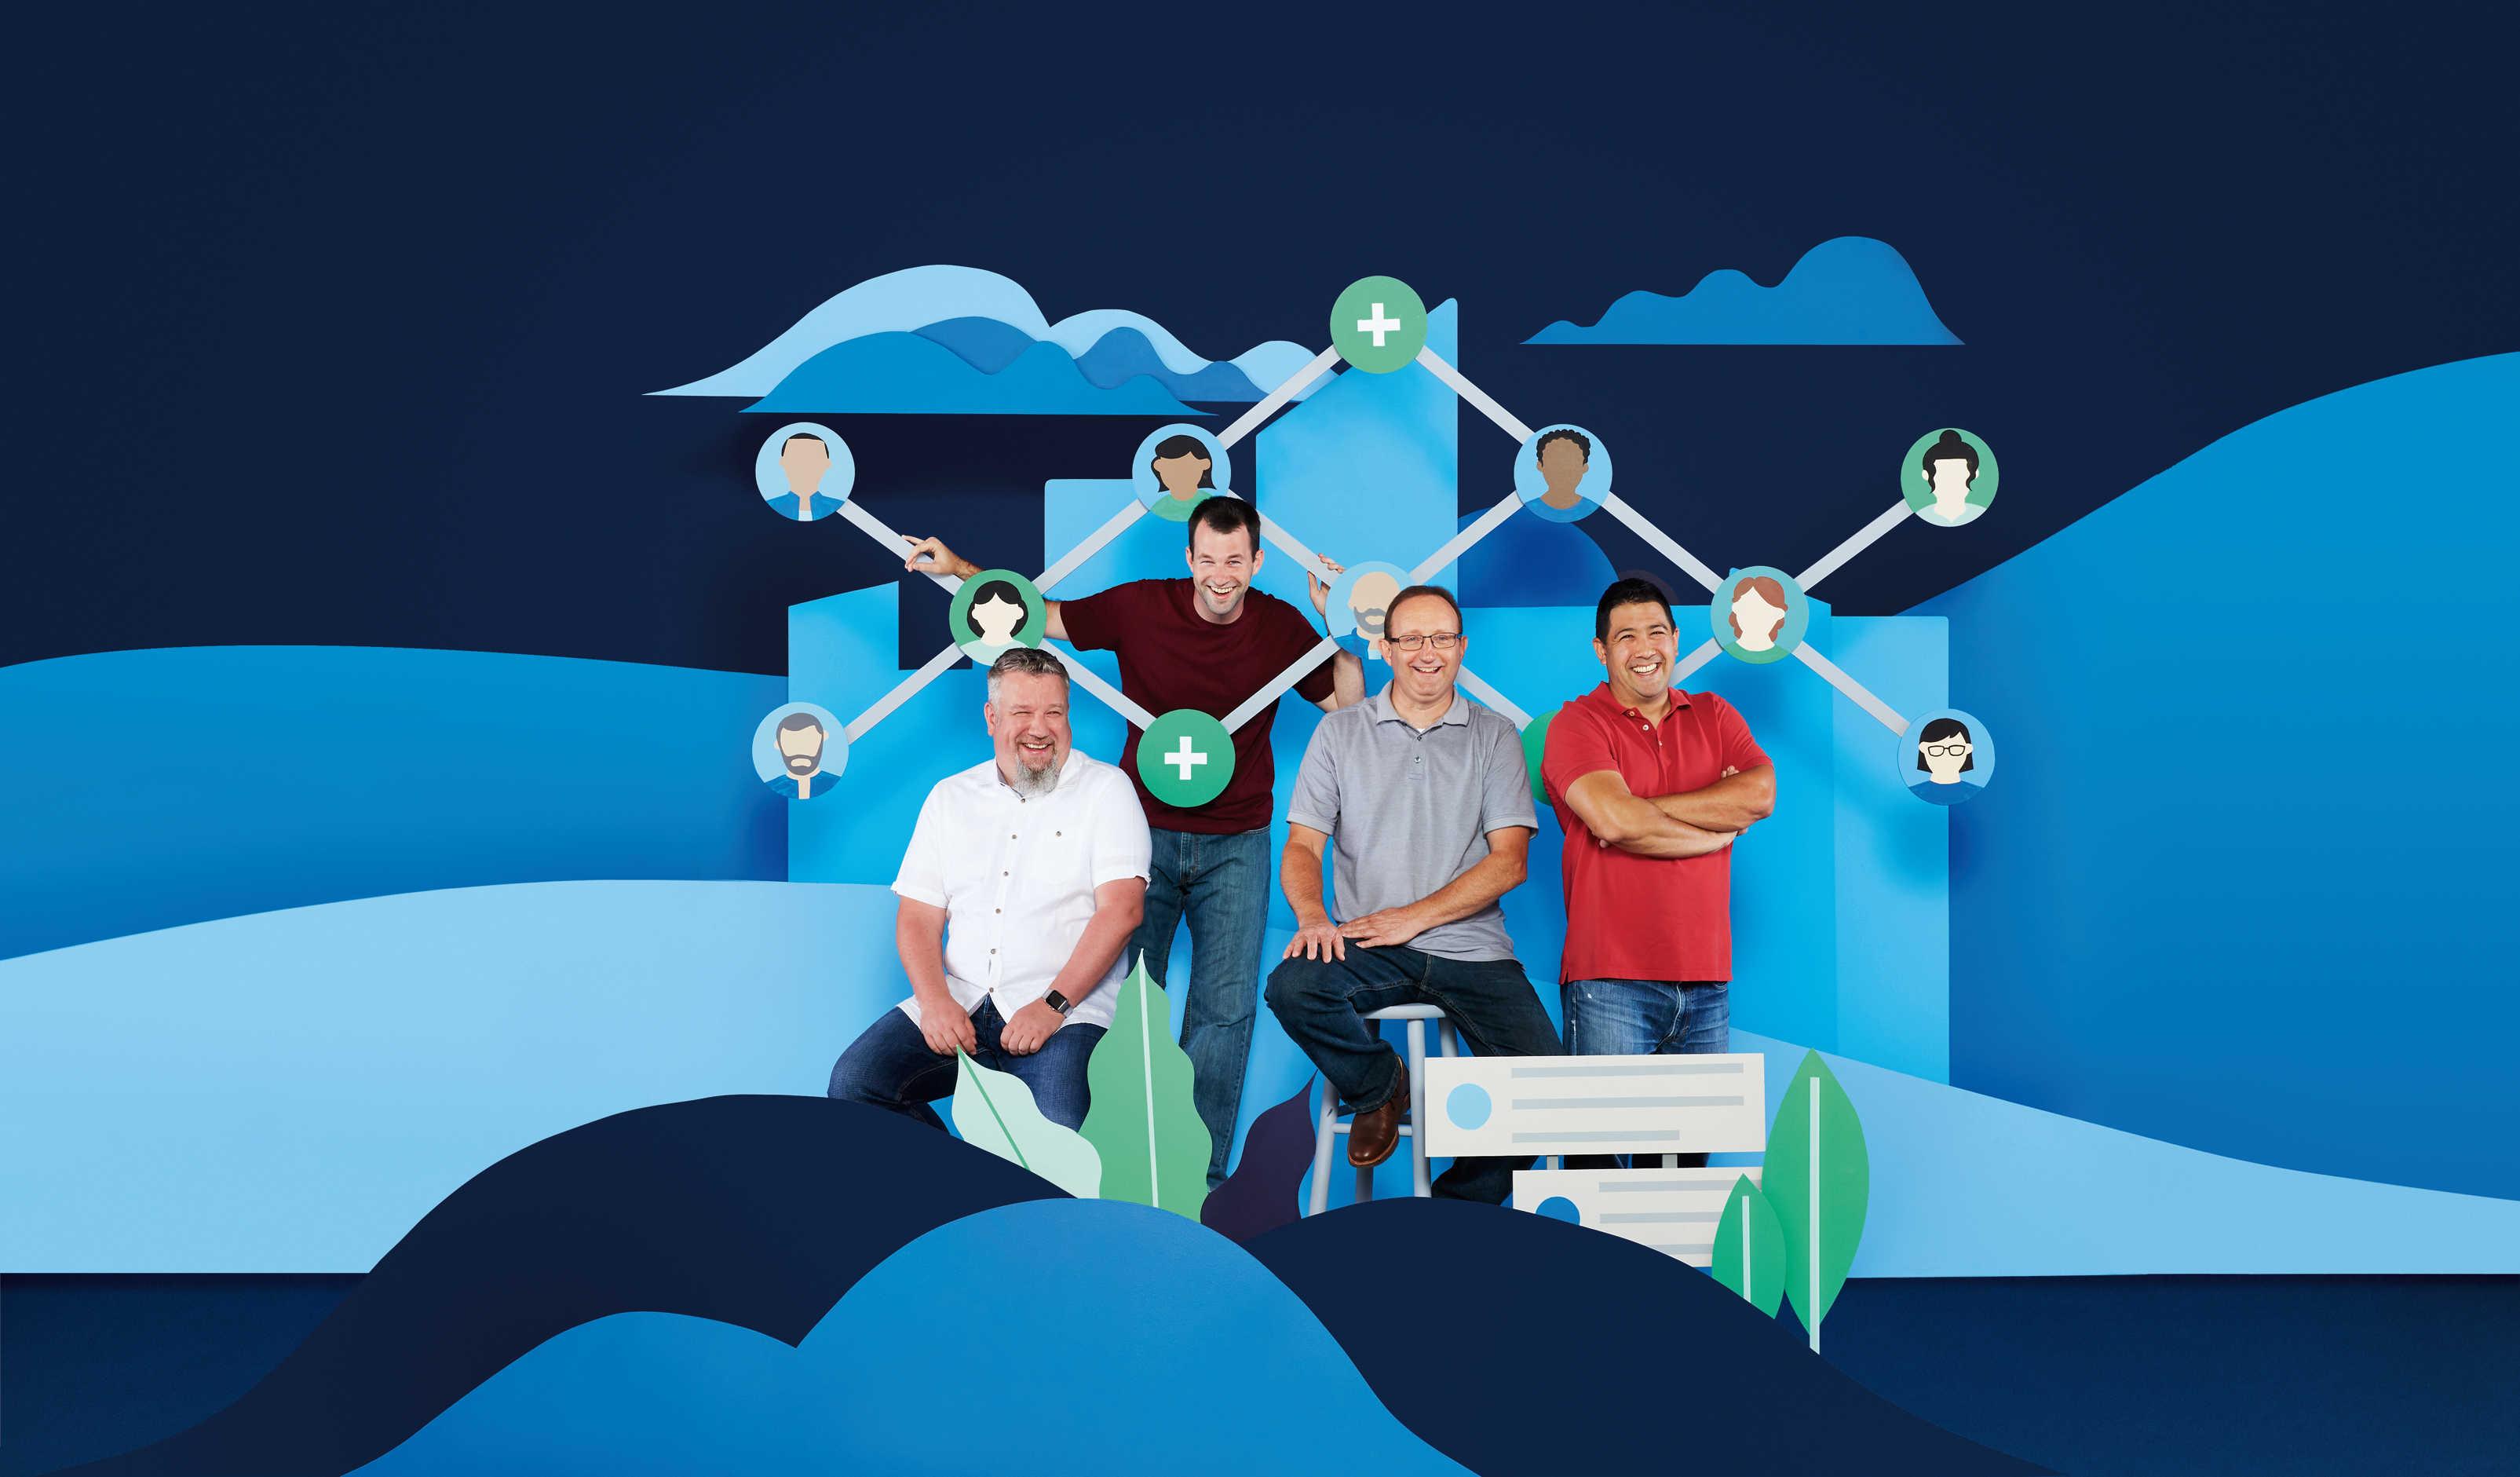 Aflați cum LinkedIn a utilizat produsele Atlassian destinate companiilor pentru a atinge cifra de 500 de milioane de membri